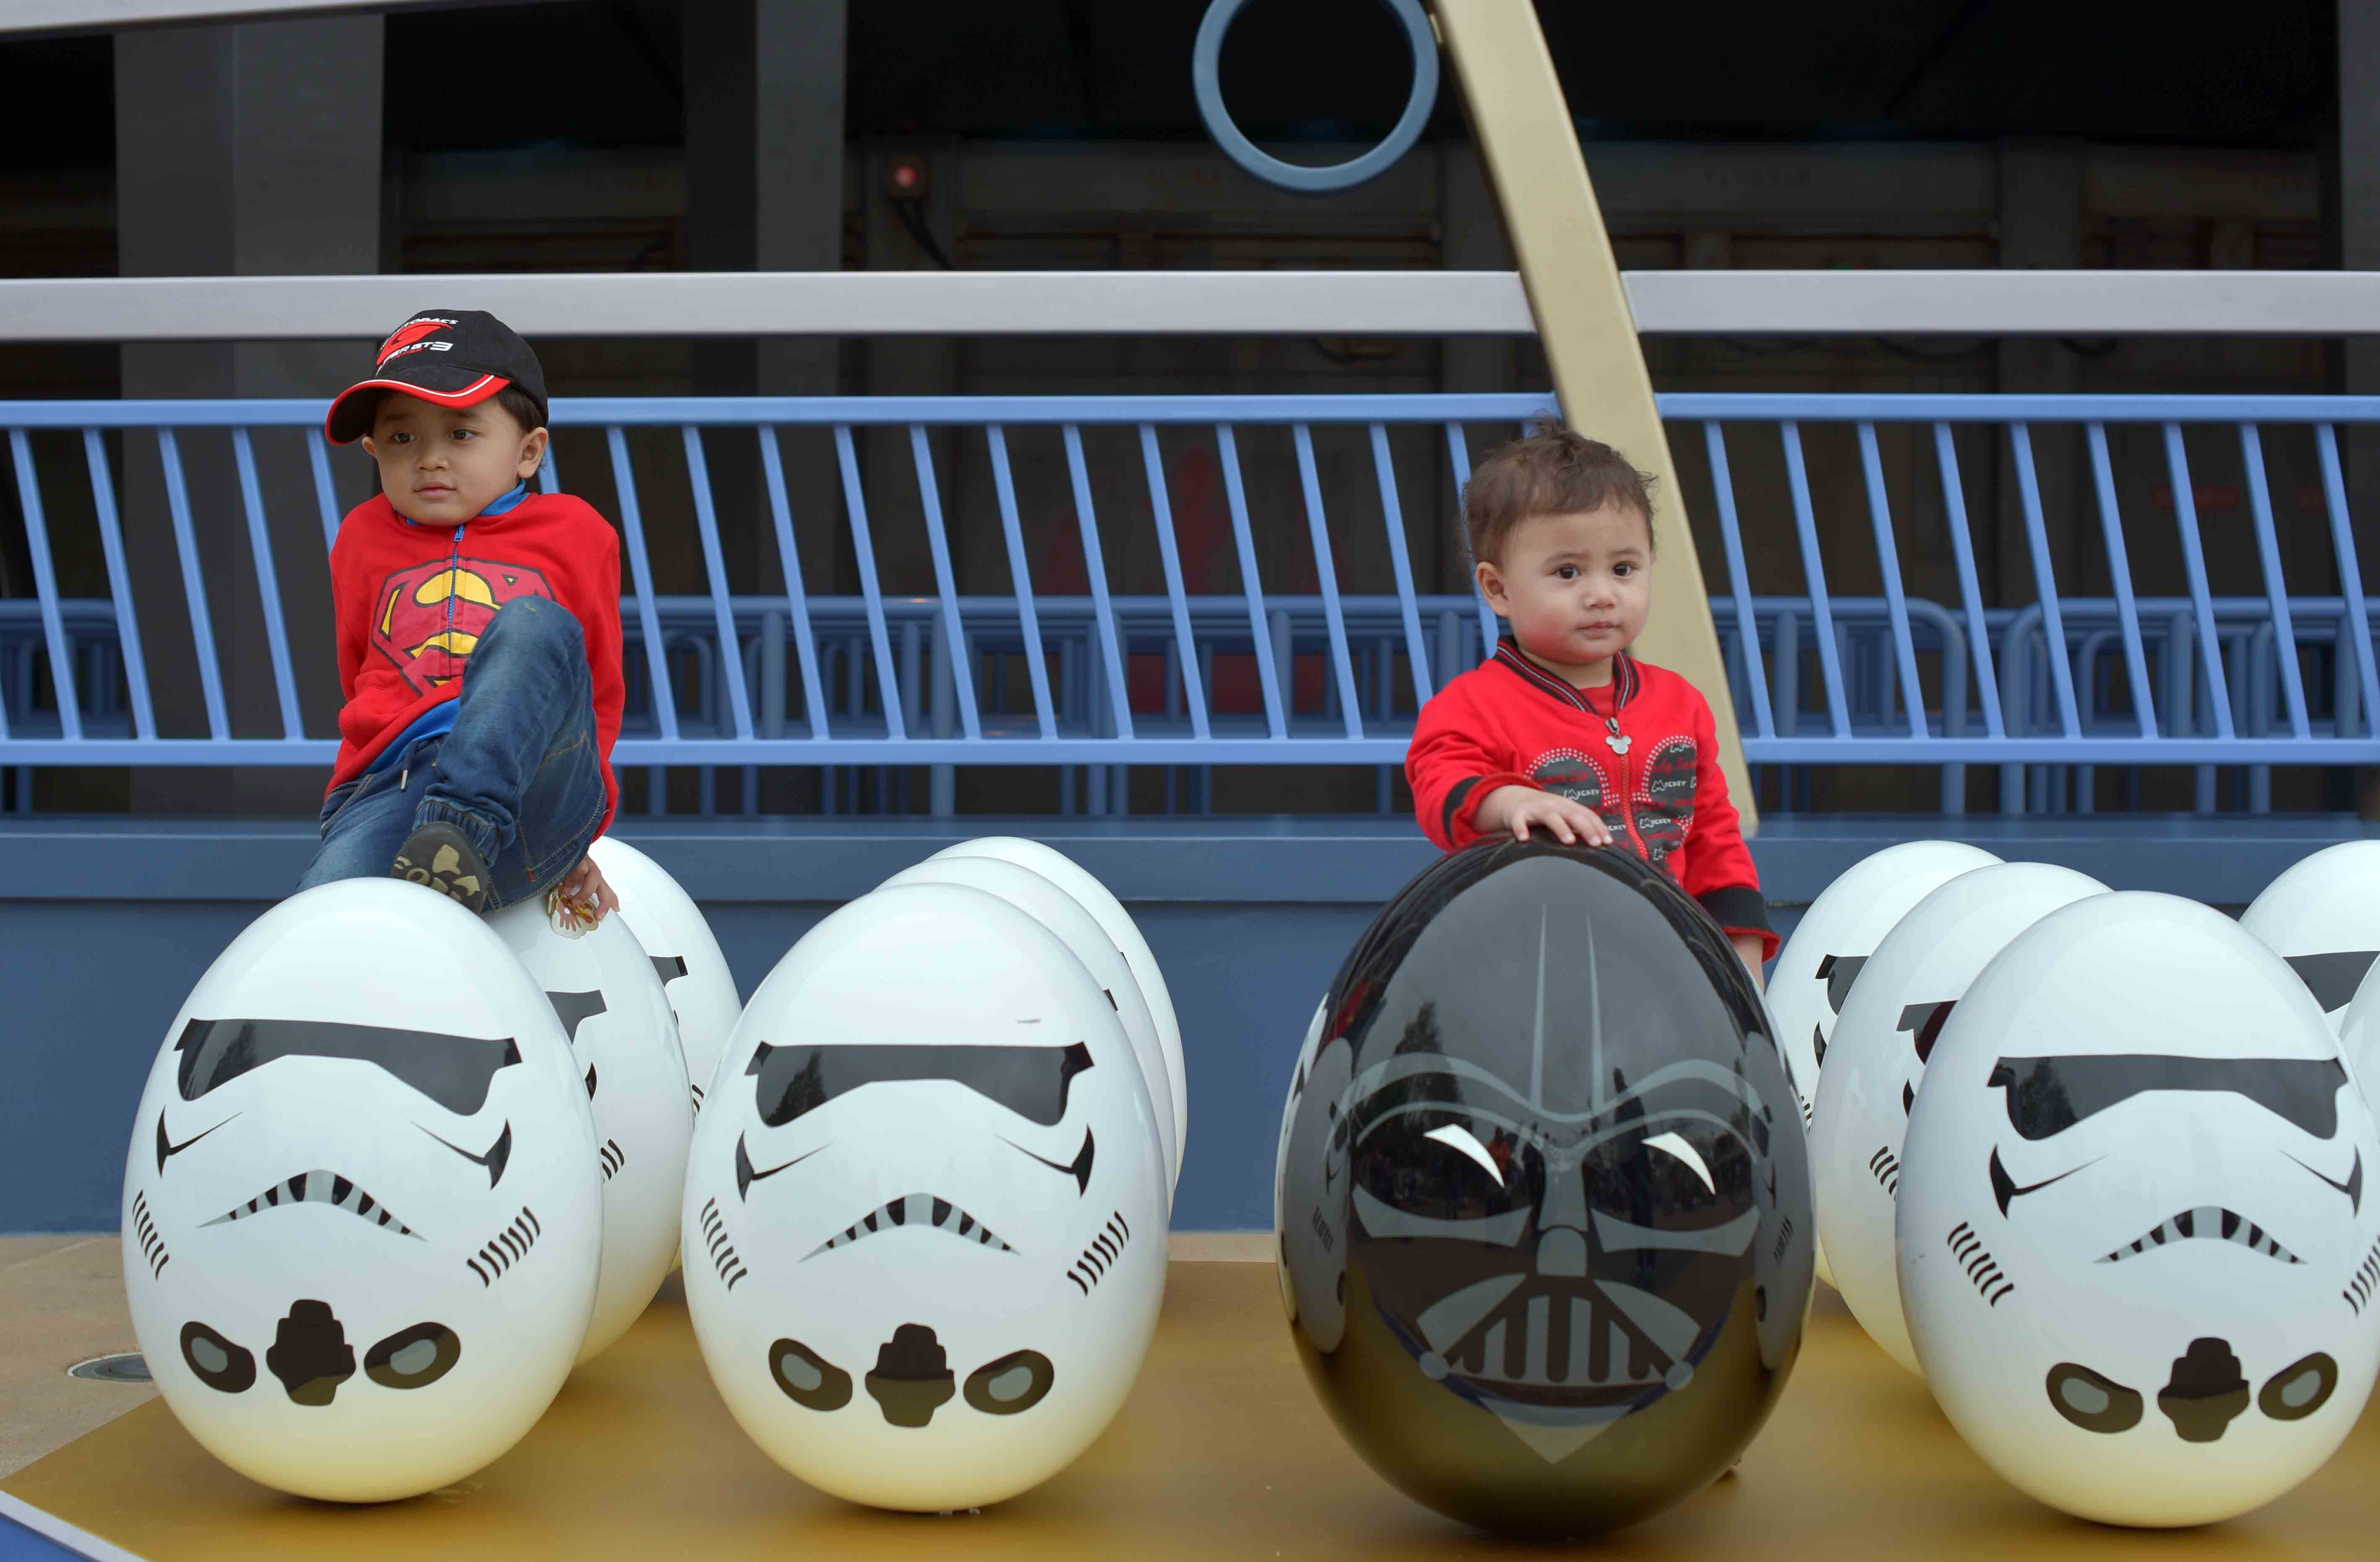 Pengalaman ke Hong Kong Disneyland bersama Anak-anak [Part 2]